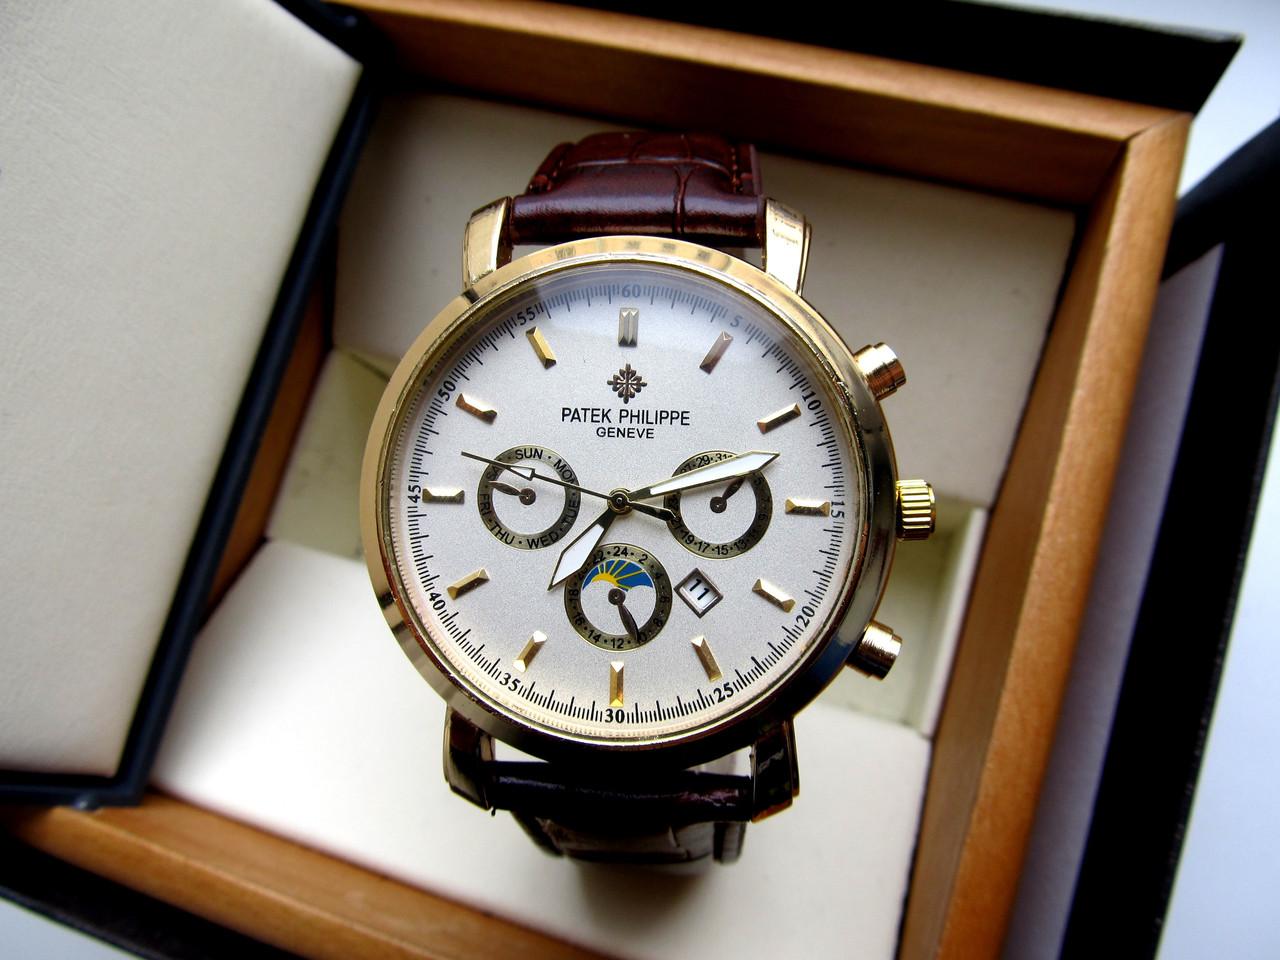 Мужские часы кварцевые PATEK PHILIPPE золото белый циферблат, недорогие  наручные часы - Интернет-магазин 0f3c2382090